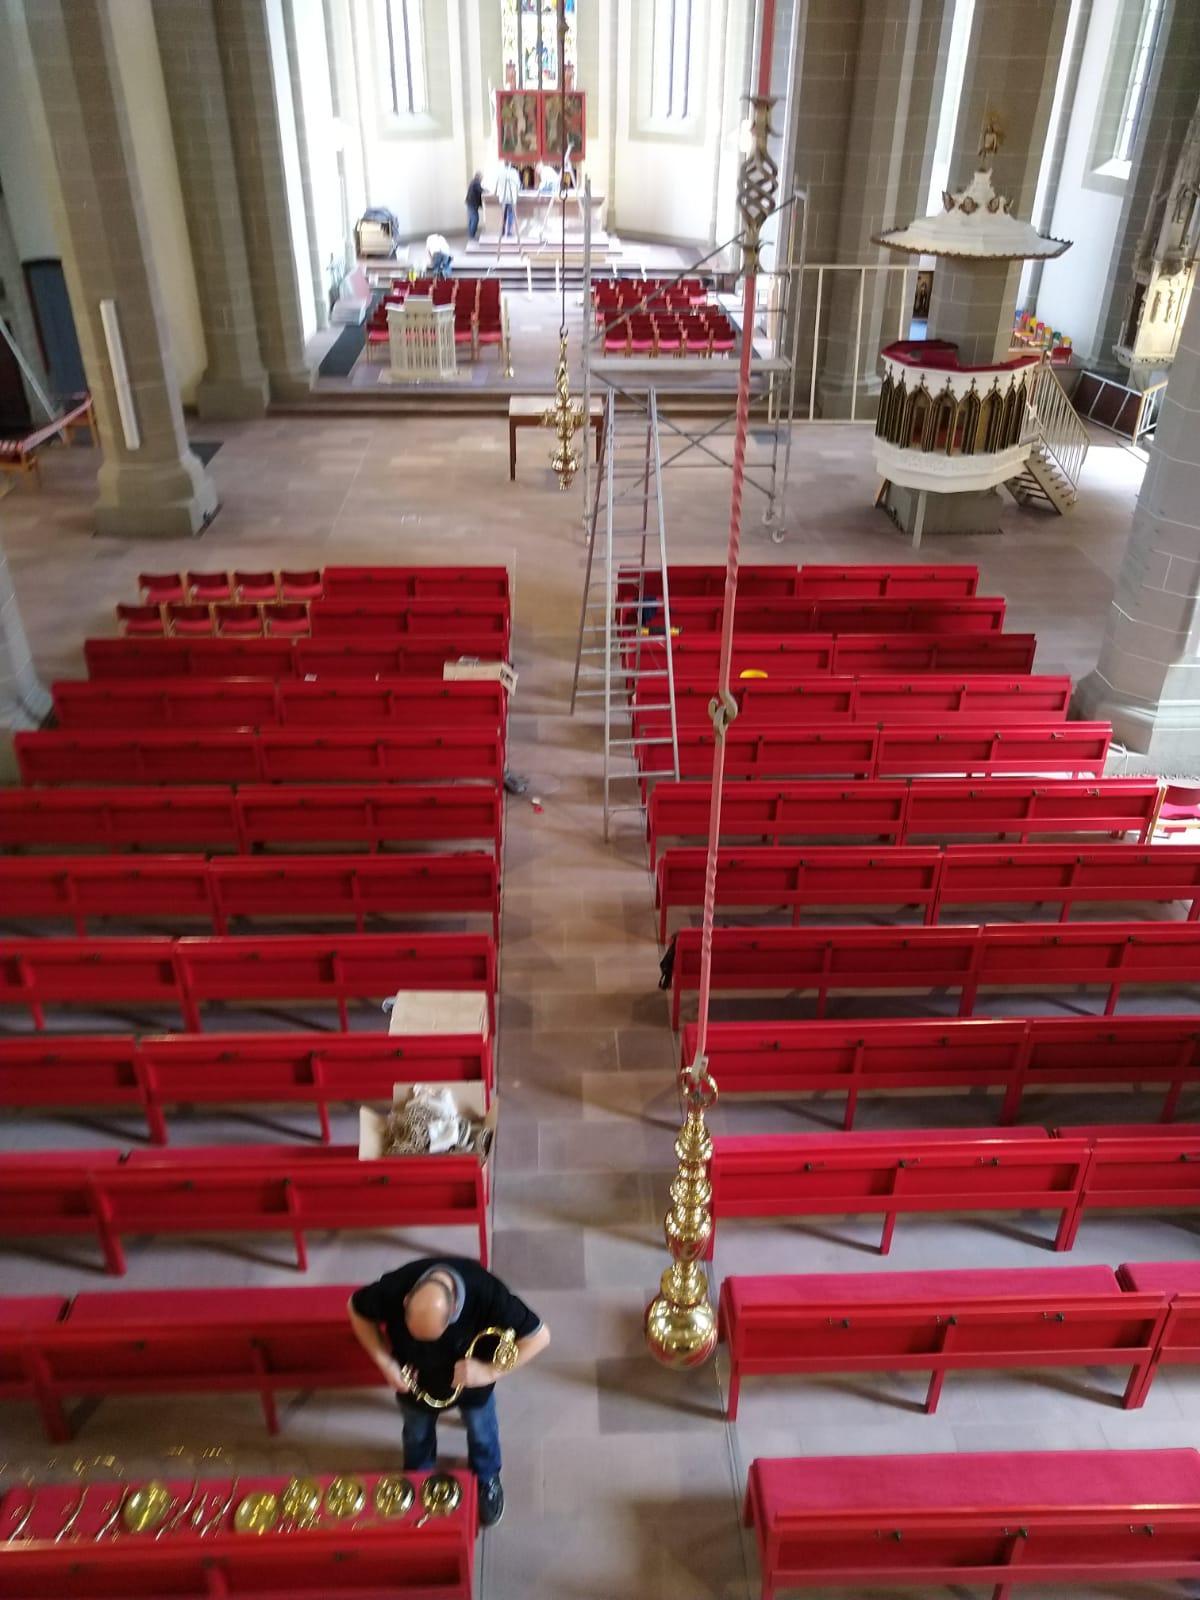 Die Kronleuchter sind inzwischen schon wieder zum Einsatz gekommen- zuletzt beim feierlichen Einzug in die Kirche am 05.09.2021